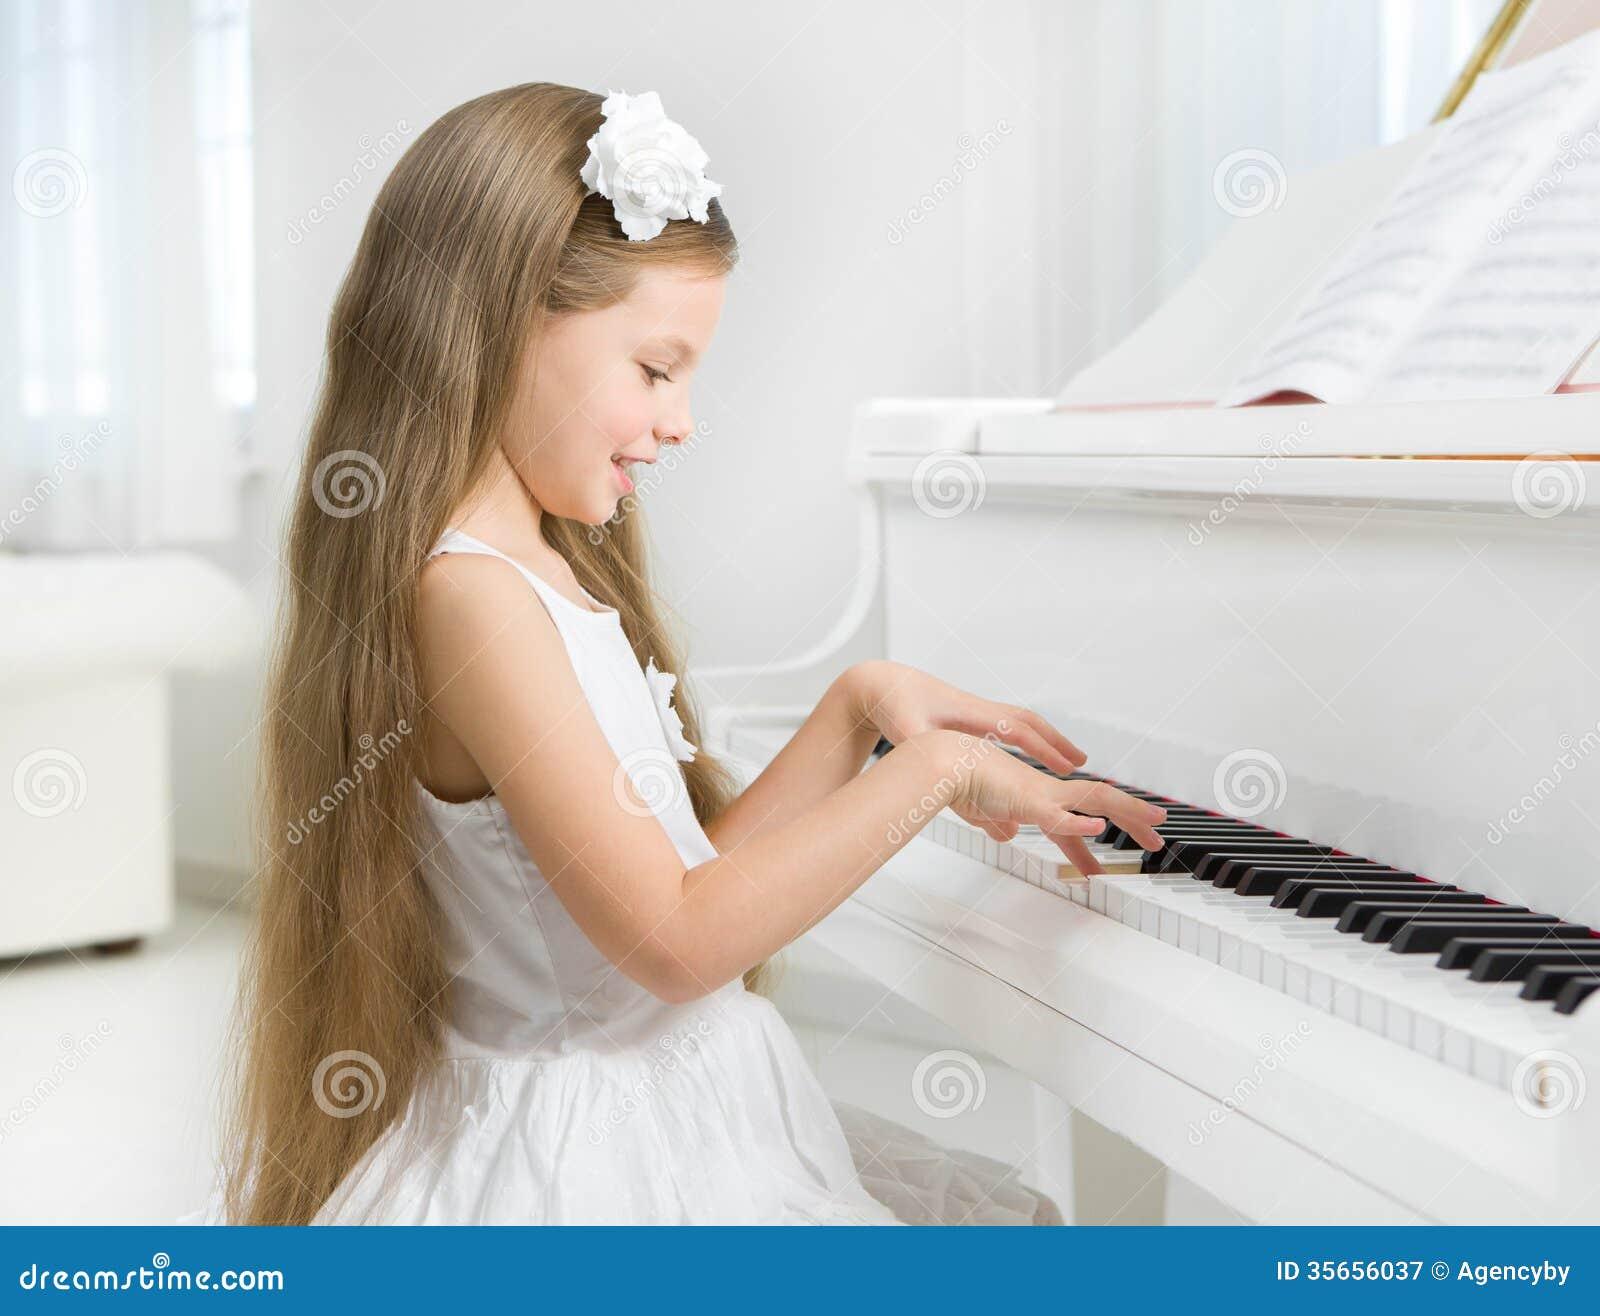 Σχεδιάγραμμα του μικρού κοριτσιού στο άσπρο πιάνο παιχνιδιού φορεμάτων